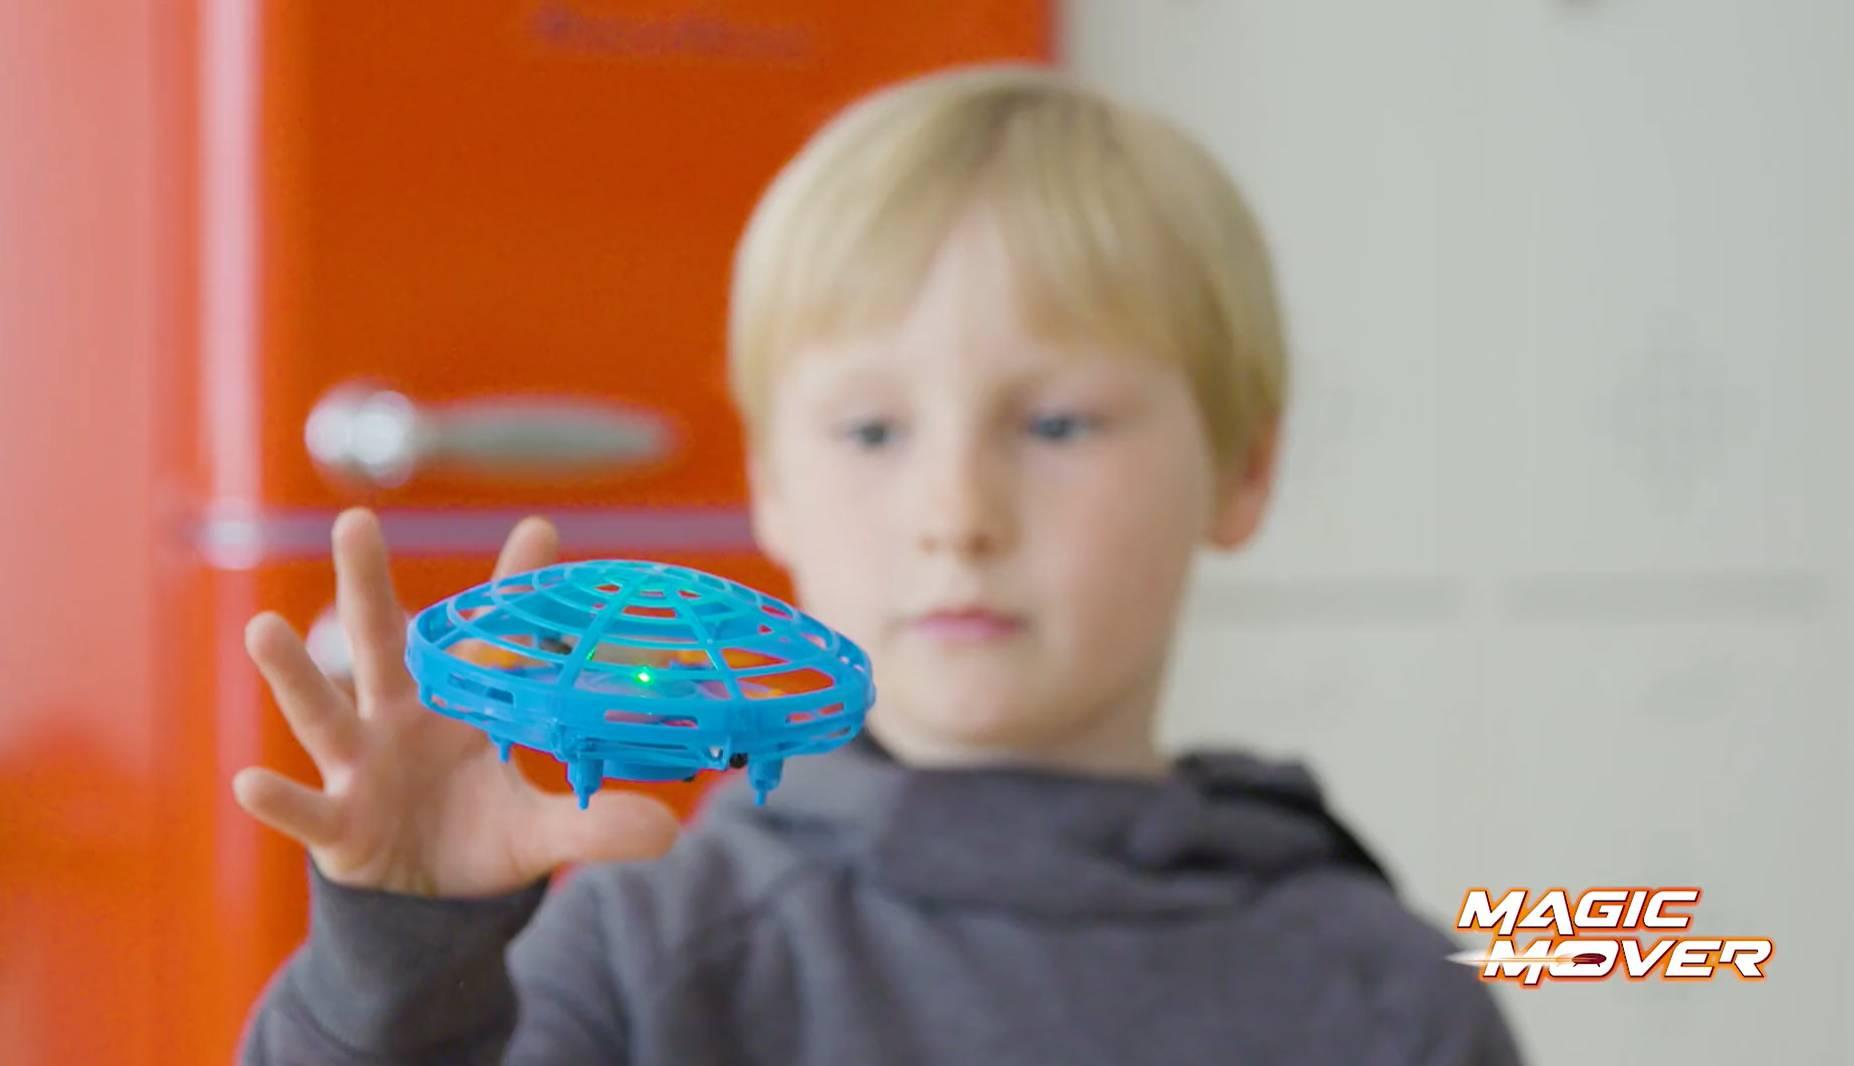 Spielzeug-Drohne mit Gestensteuerung